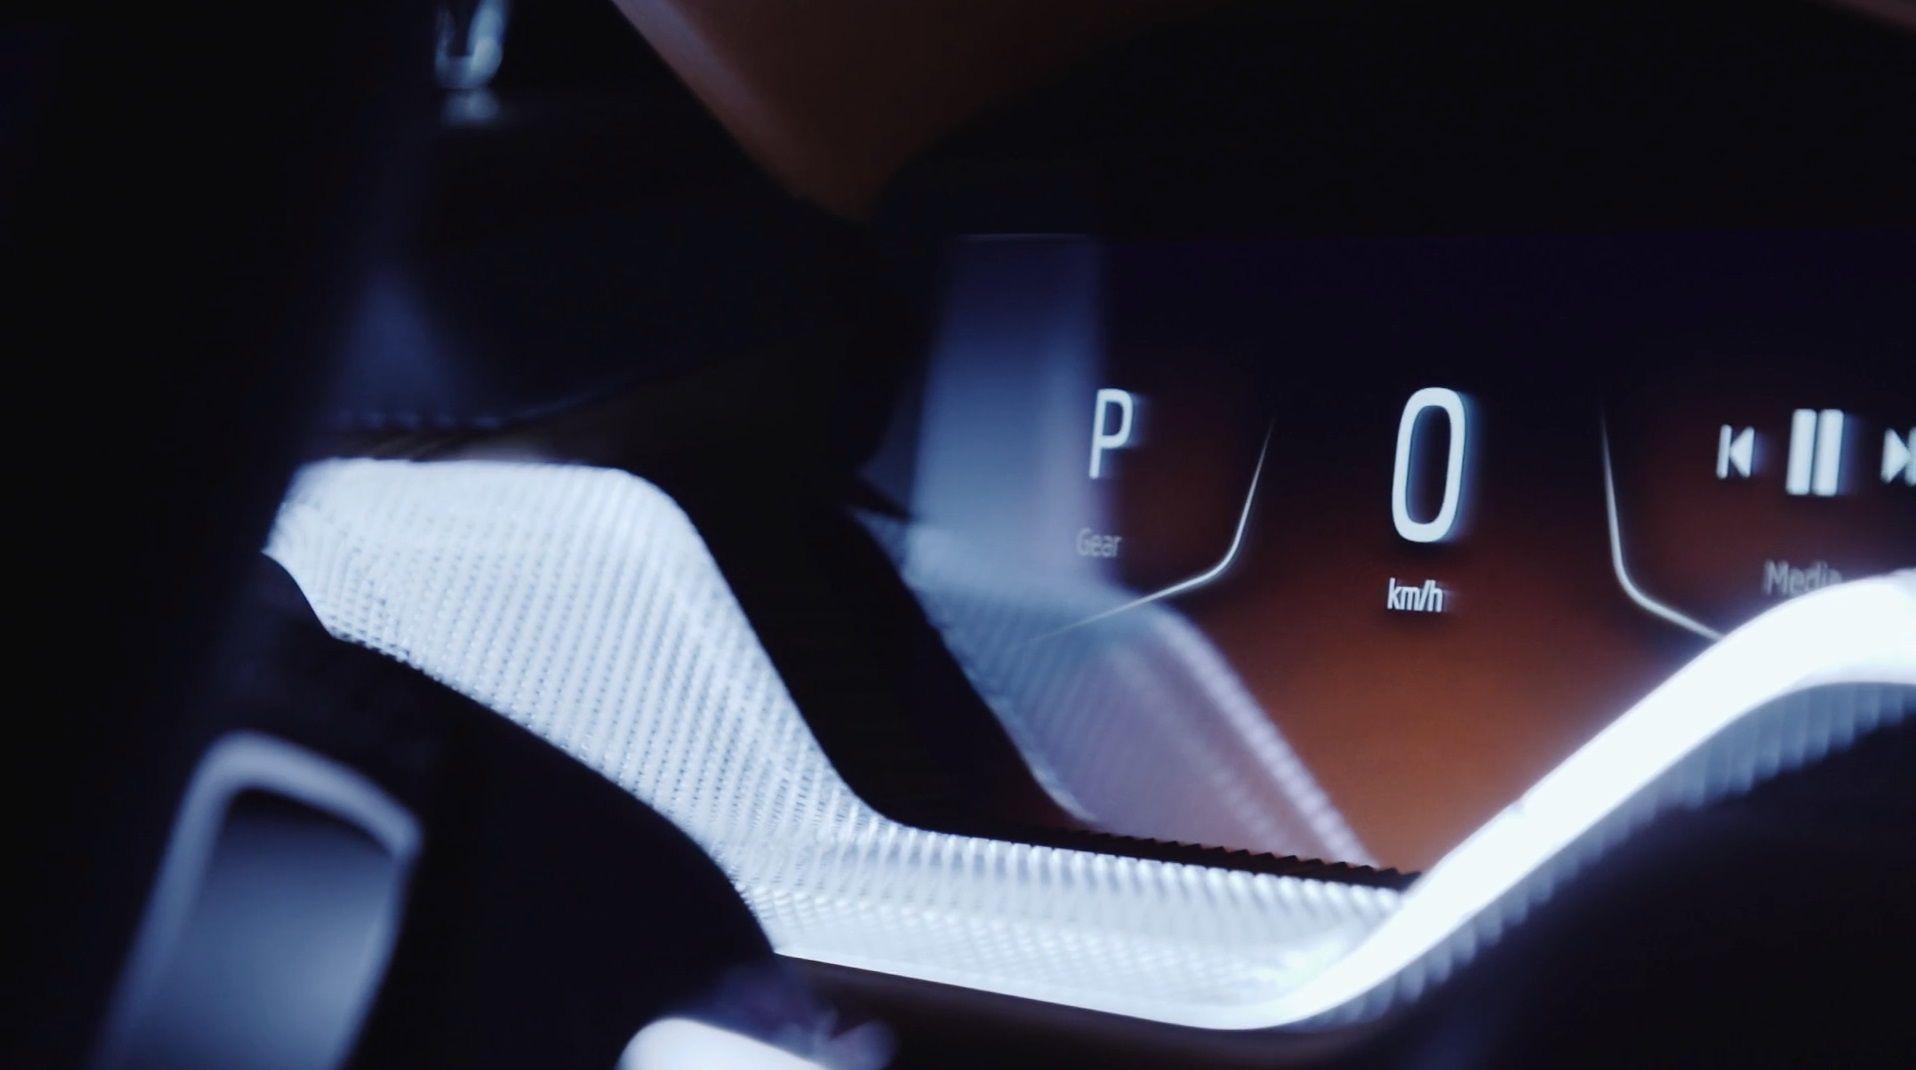 Škoda дивує розкішним концептом Vision IN з кришталевим оздобленням (відео)